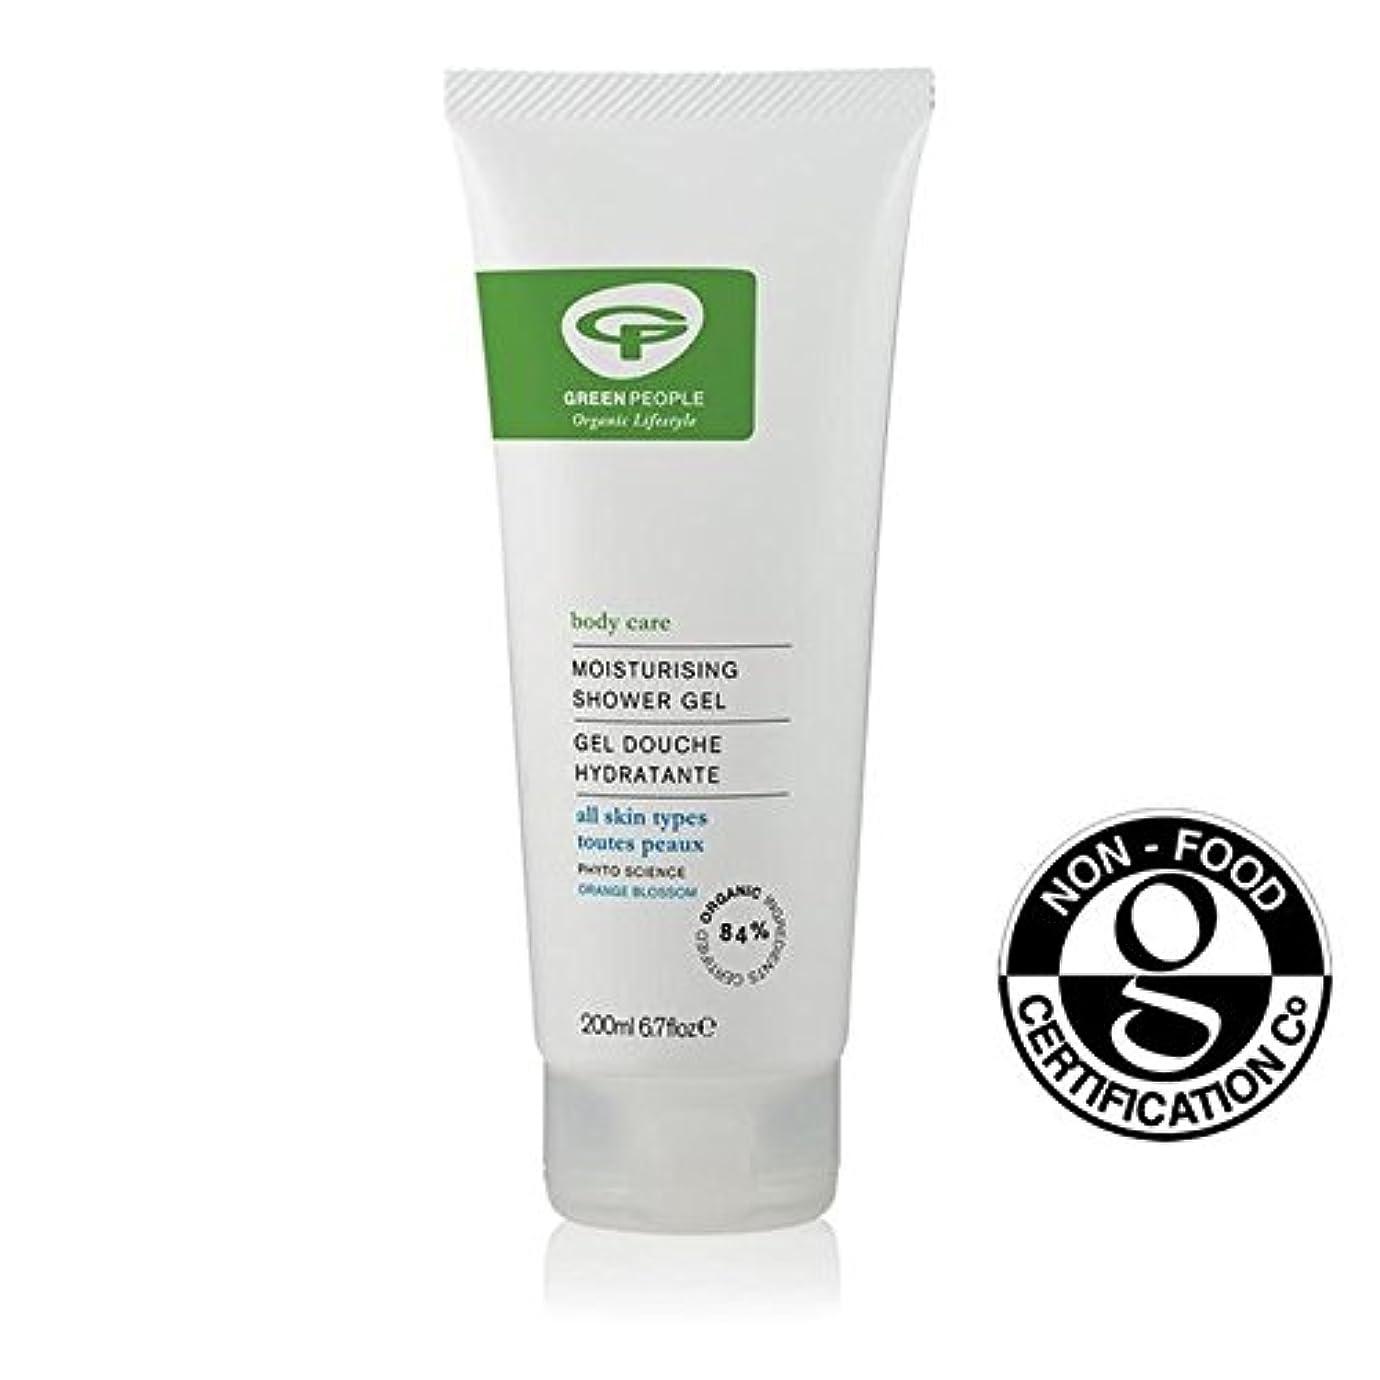 繁雑表面負荷緑の人々の有機保湿シャワージェル200 x2 - Green People Organic Moisturising Shower Gel 200ml (Pack of 2) [並行輸入品]